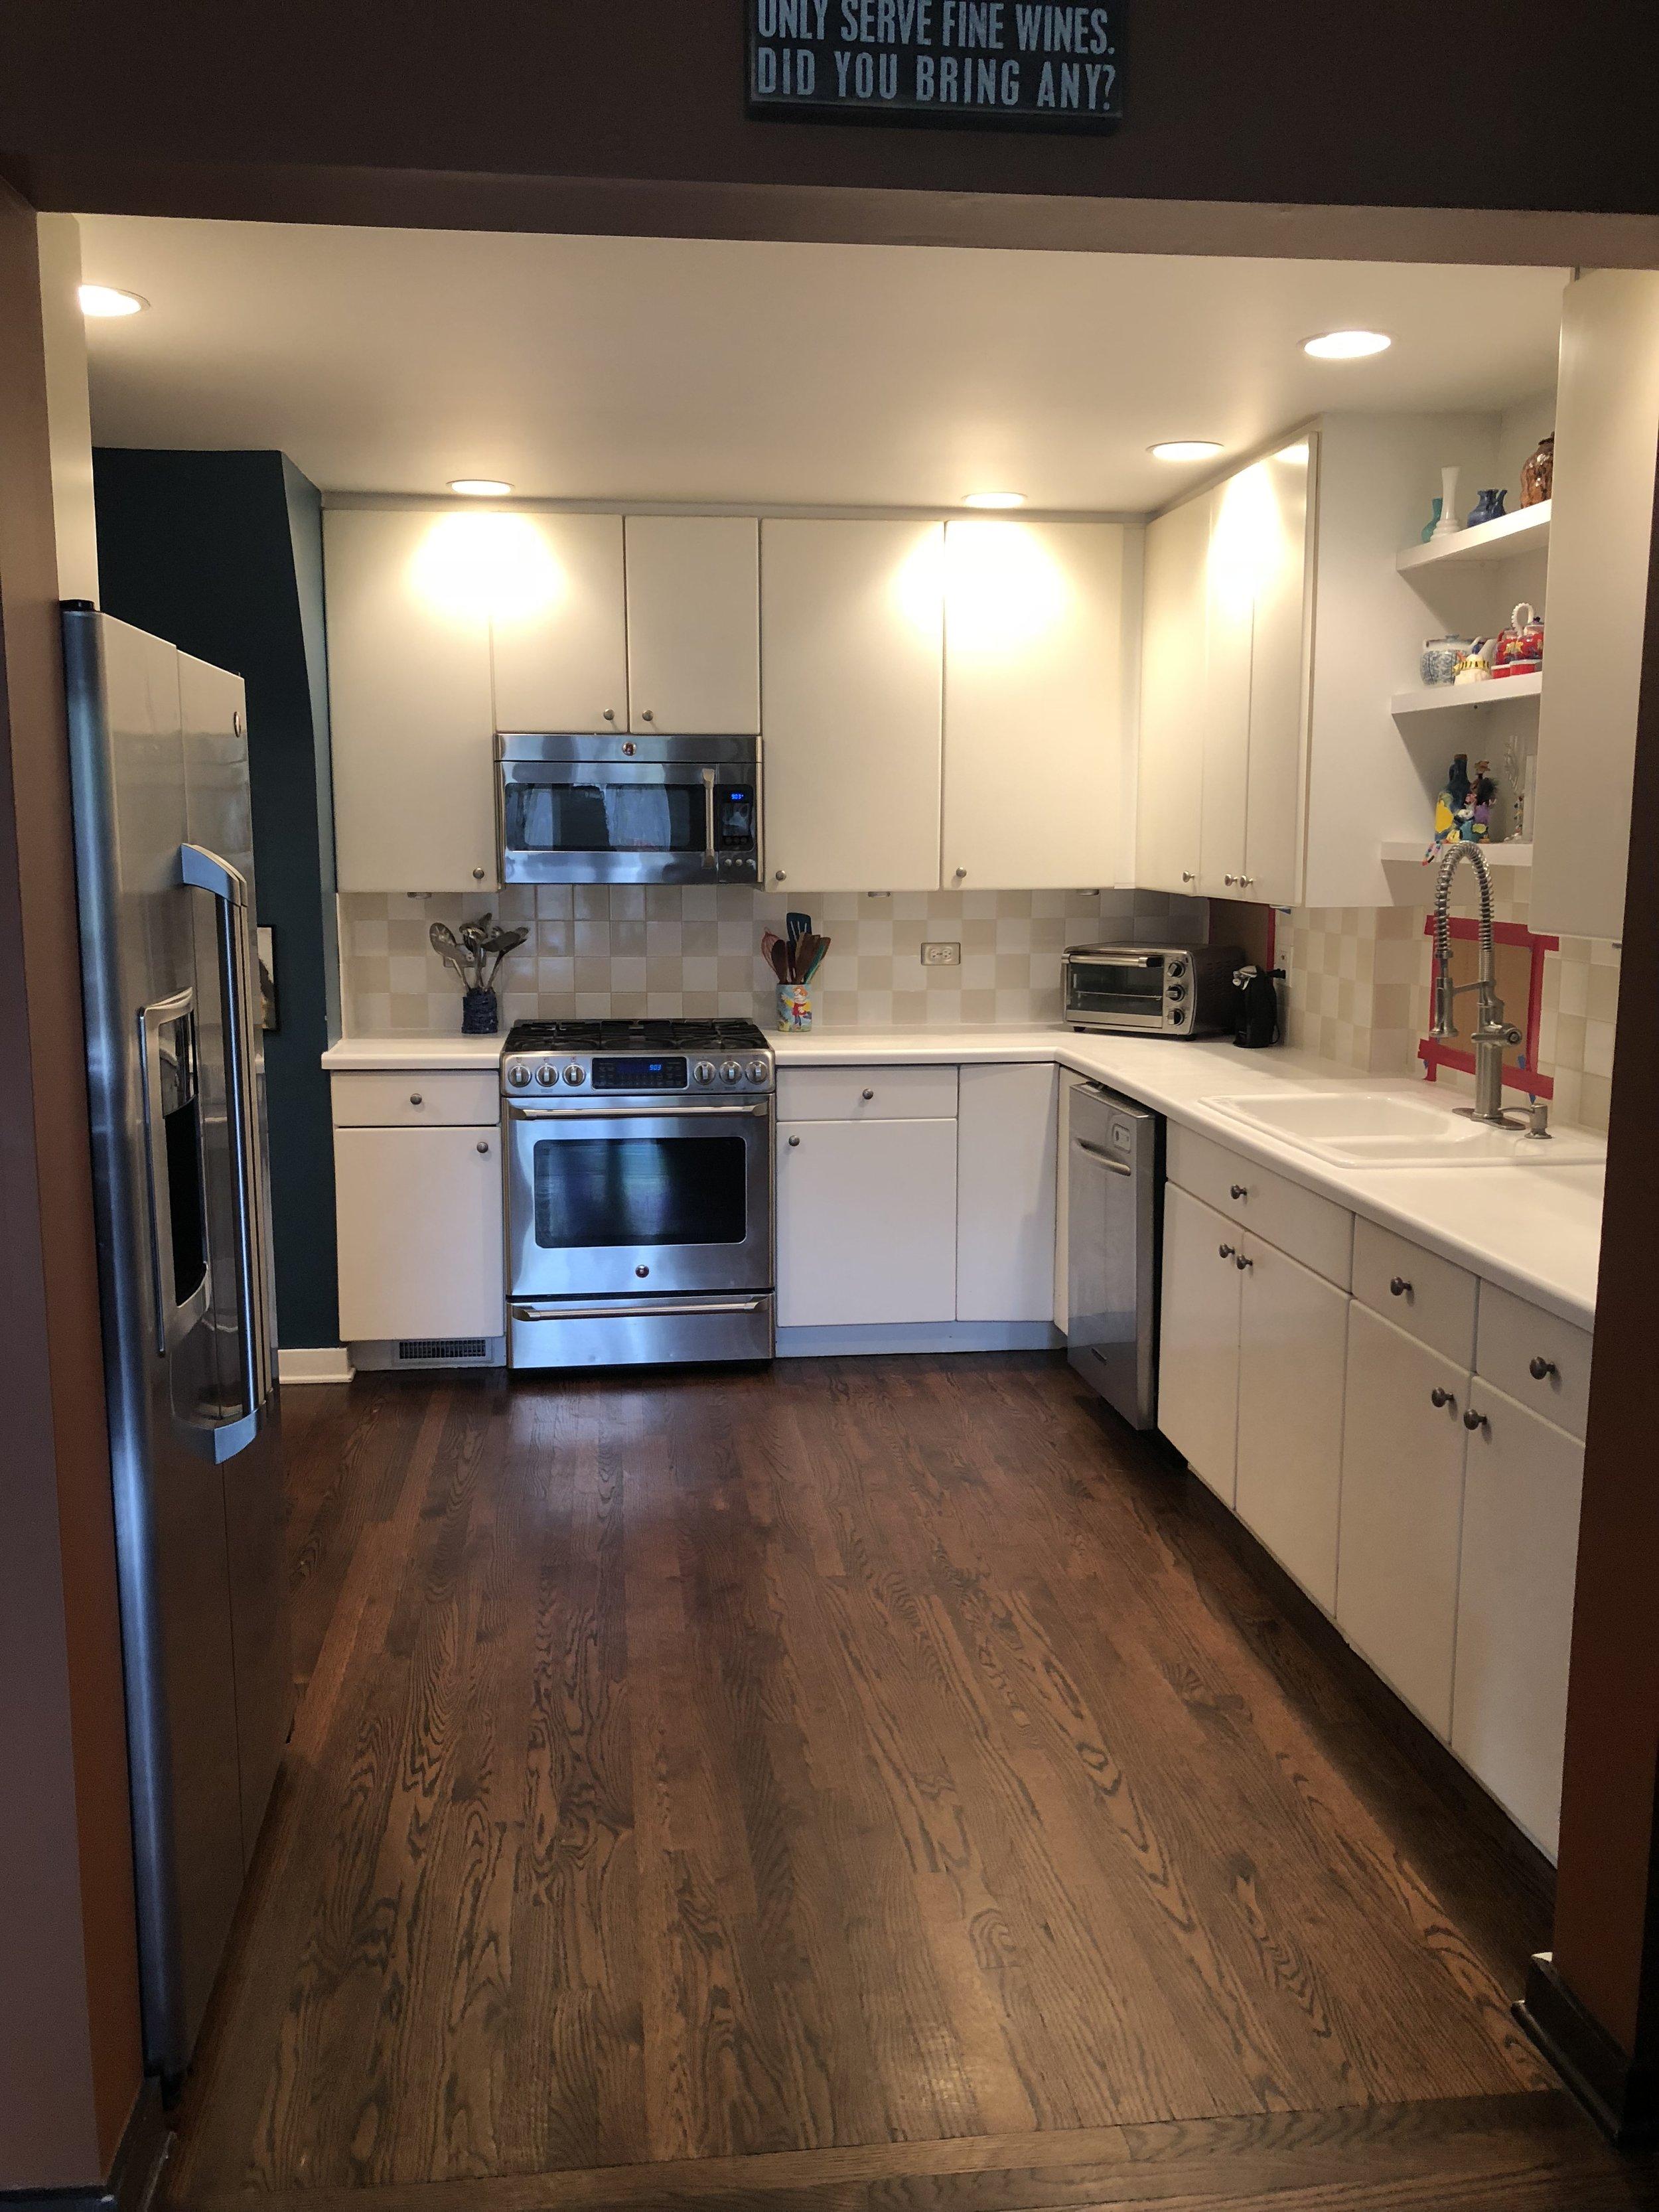 FLASH SALE - Complete White Kitchen Stainless Steel GE Kitchen Aid  Appliances Cabinets Gas Range Refrigerator Freezer Dishwasher — Little  Green ...